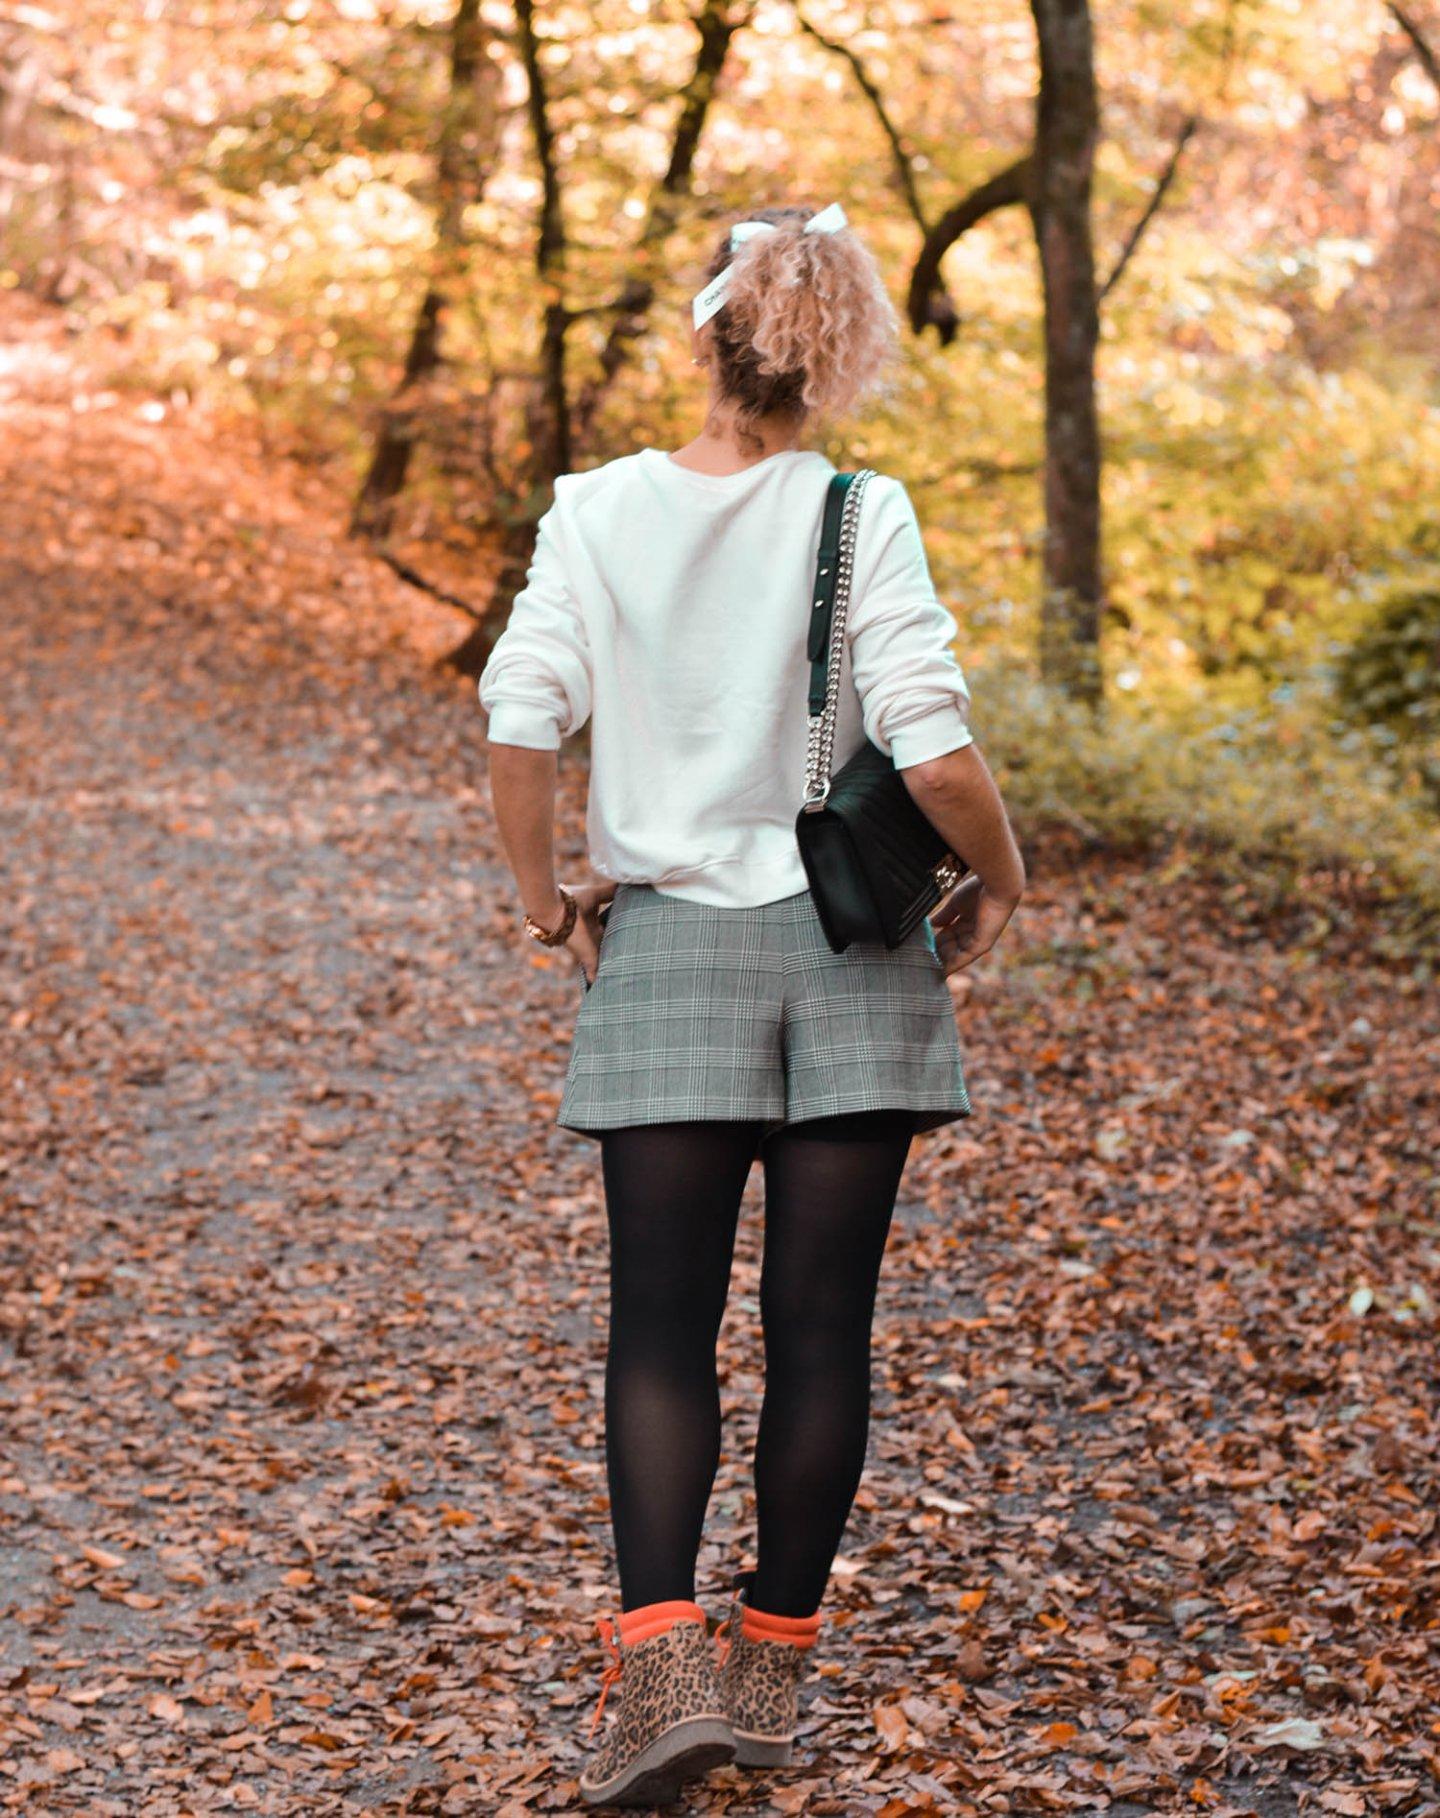 Herbstlook mit skorts und Chanel